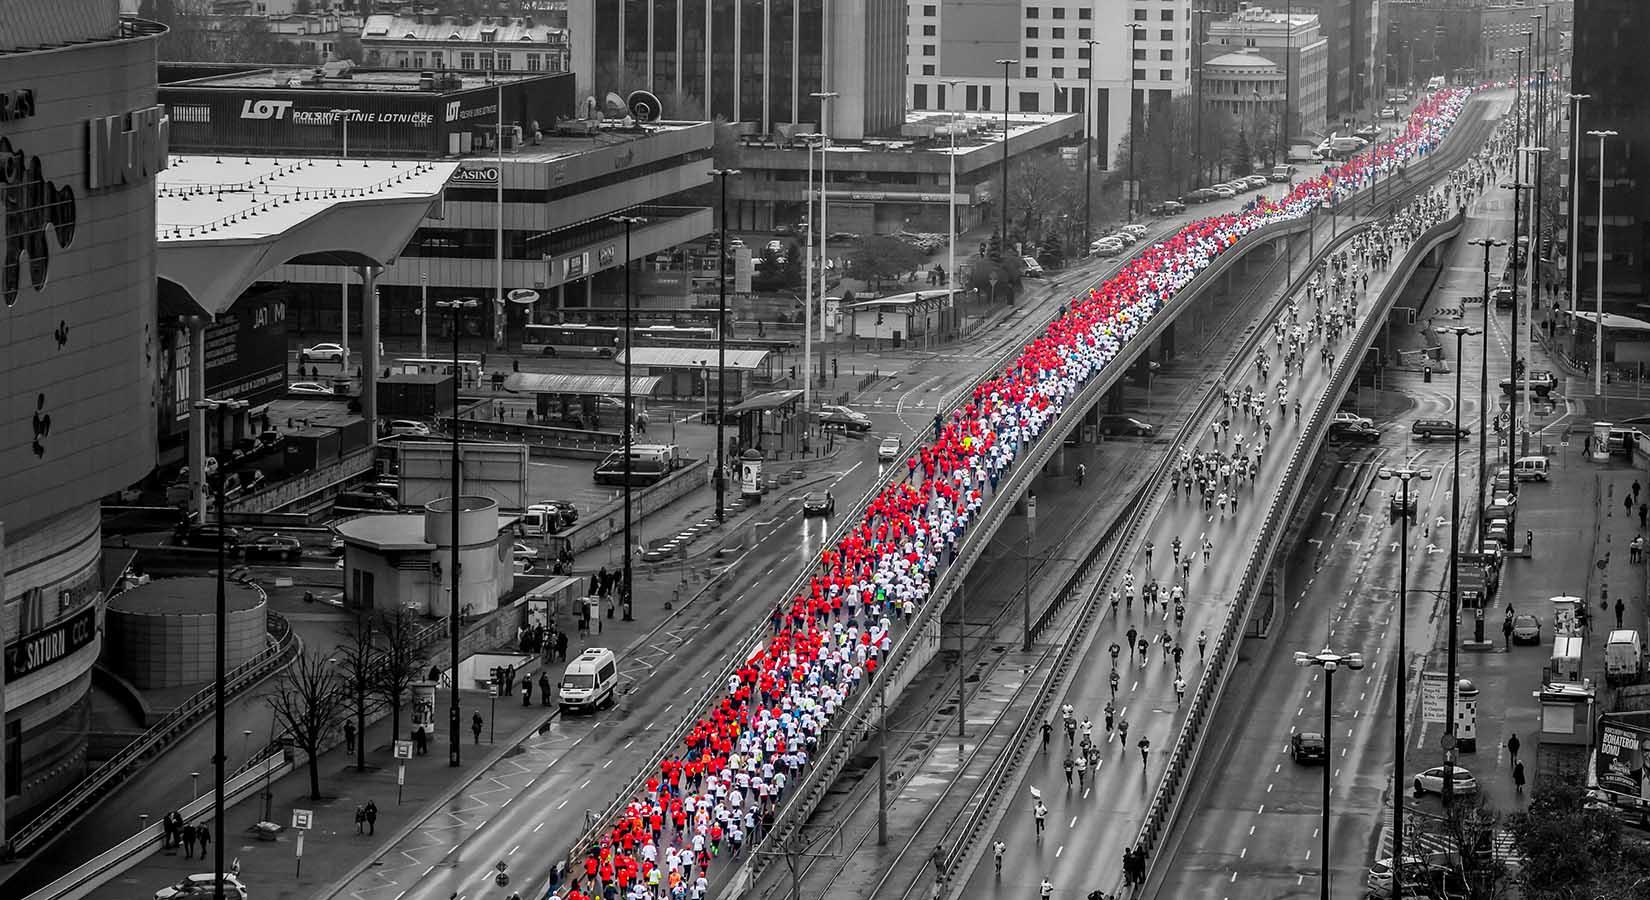 Zdjęcie z marszu biało czerwonego